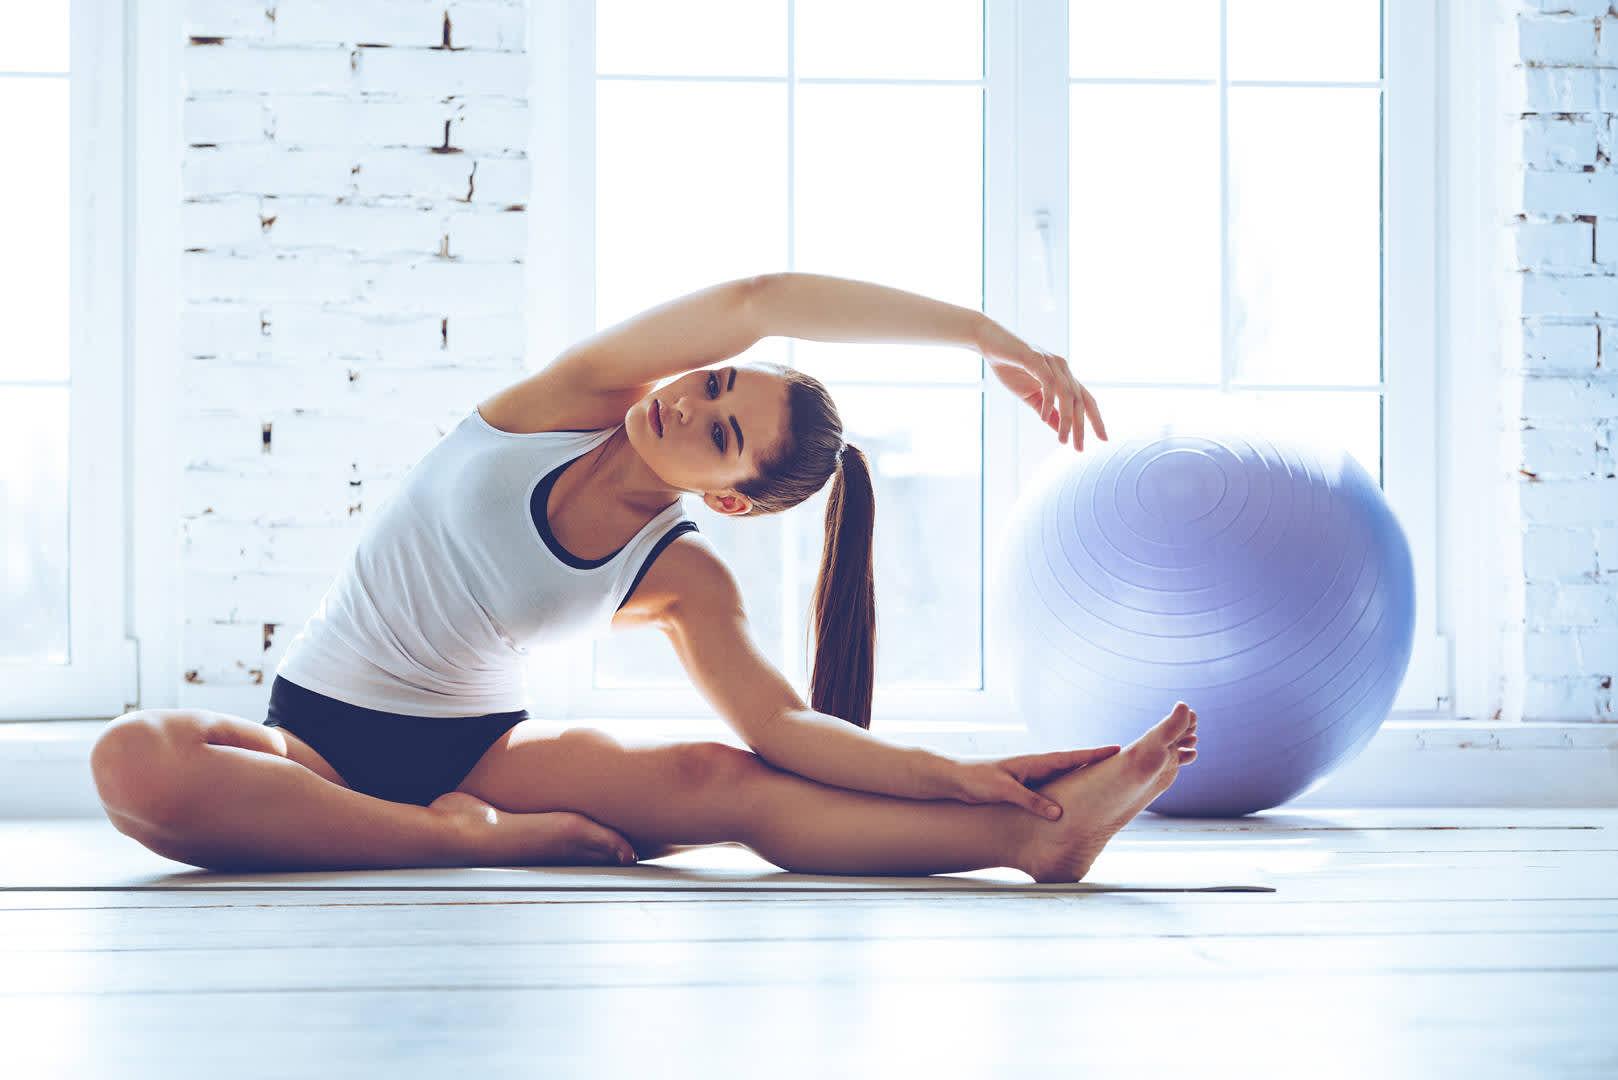 Kadınların yüzde 65'i düzenli spor yapmıyor